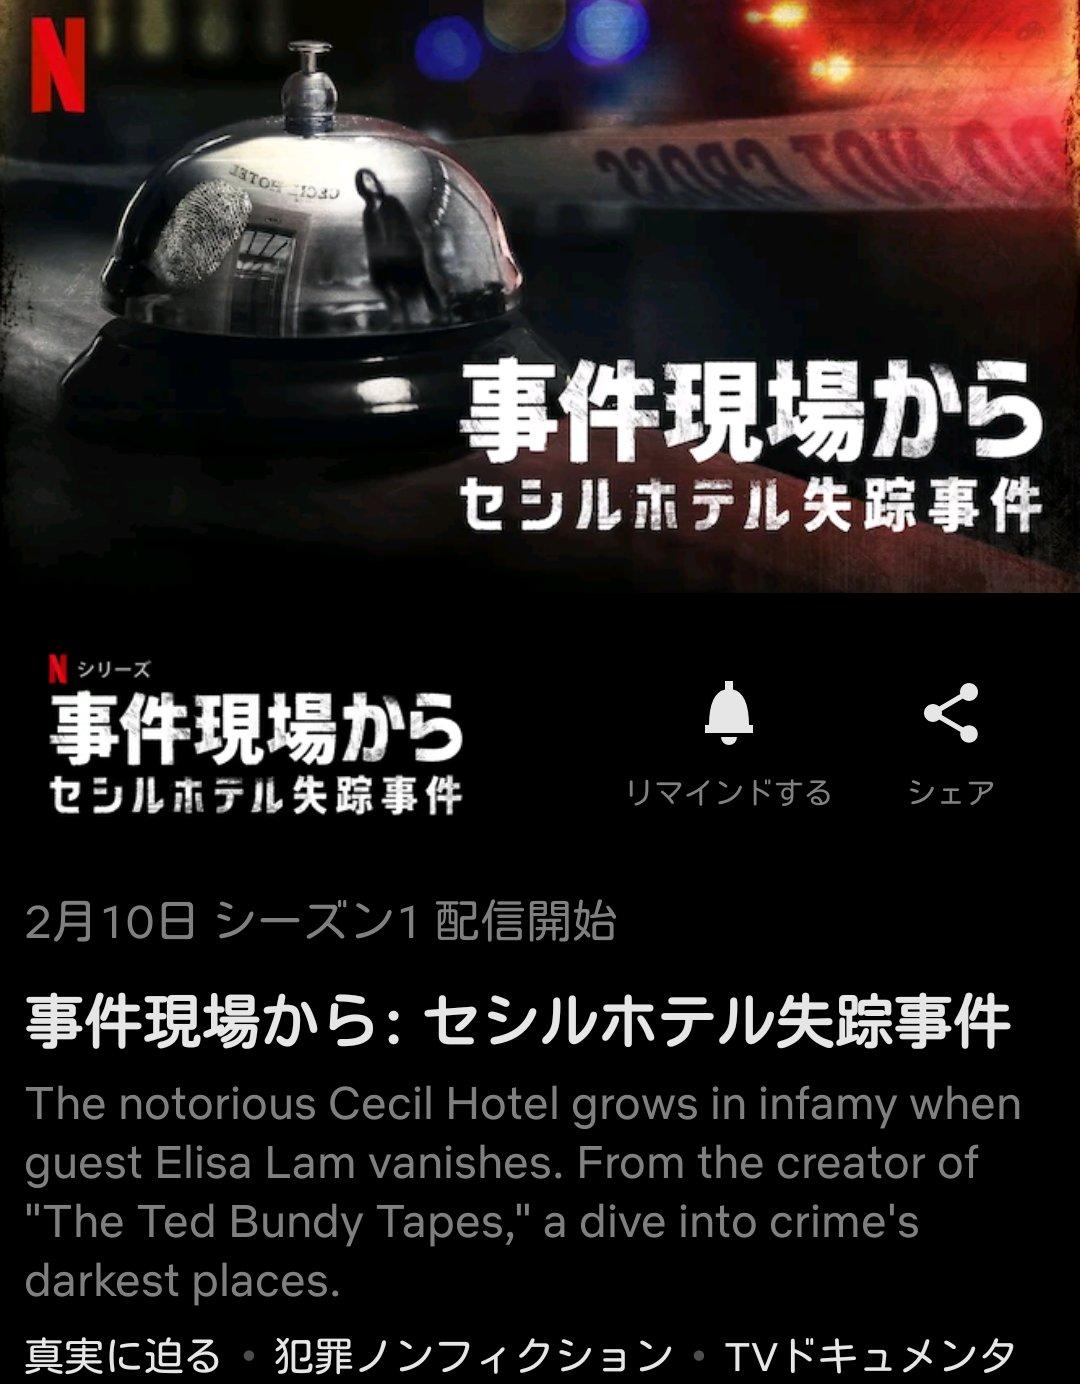 """失踪 事件 ホテル セシル Netflix「事件現場から: セシルホテル失踪事件」─""""死のホテル""""がもたらす暗黒史とエリサ・ラム事件の陰謀とは"""